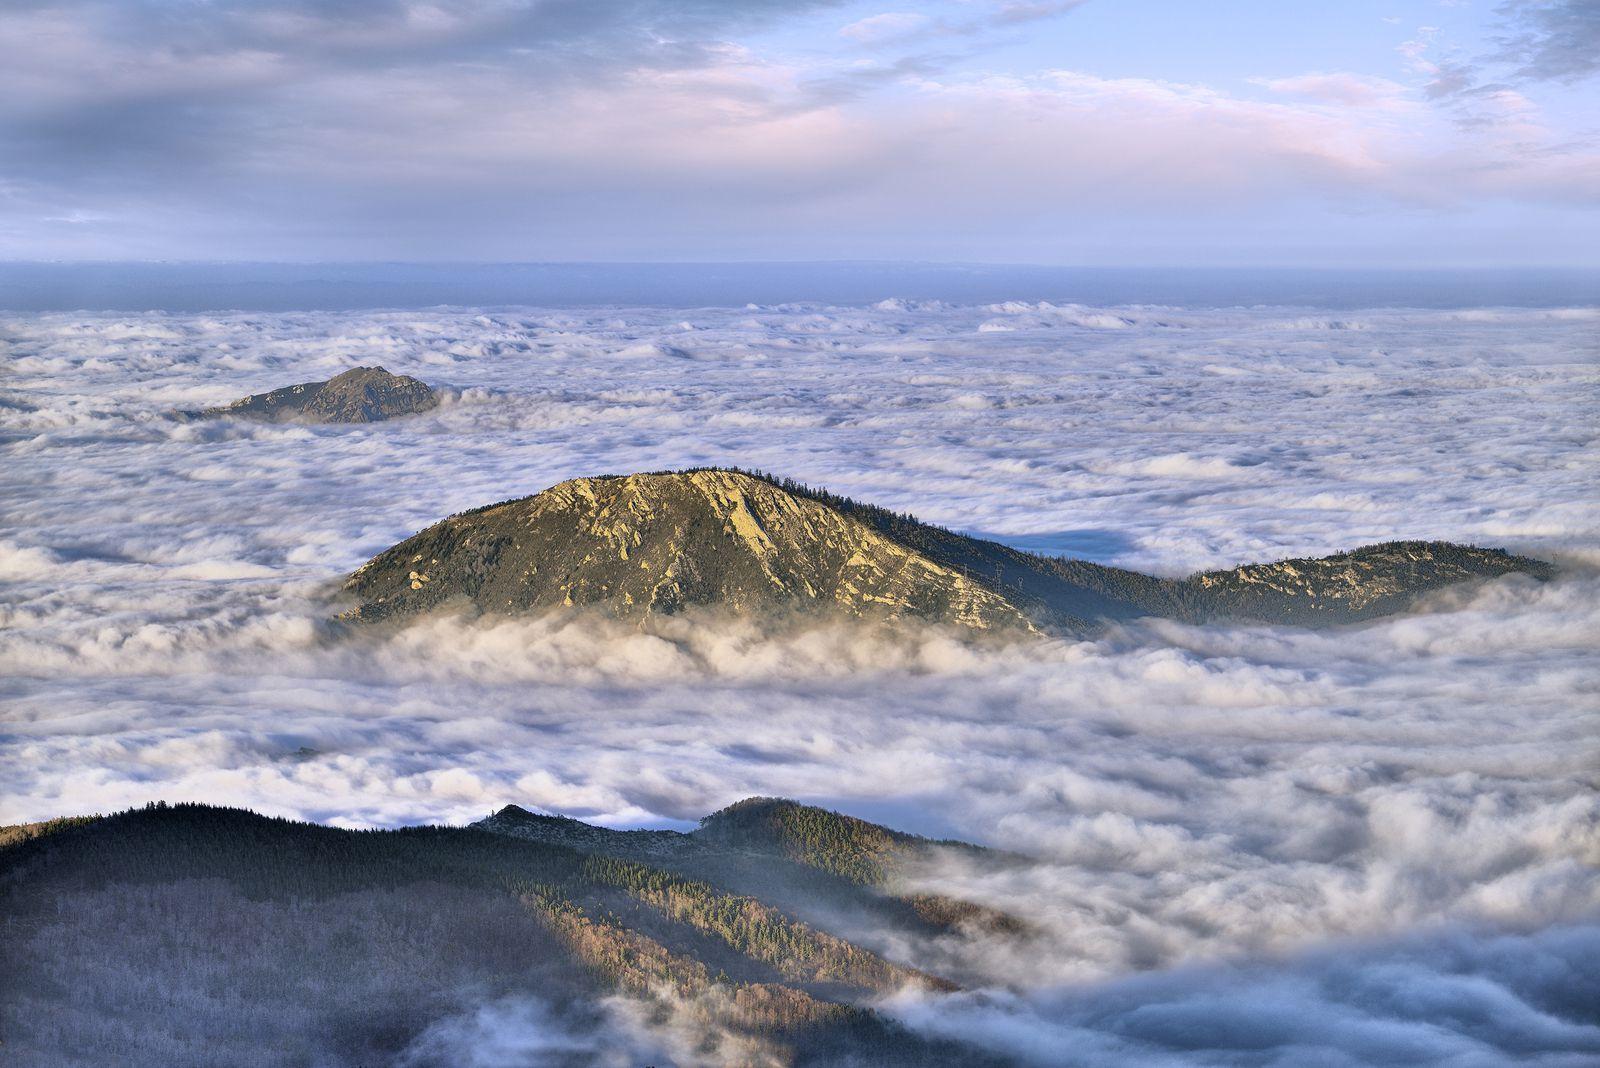 Mer de nuages sur le Fenouillèdes.